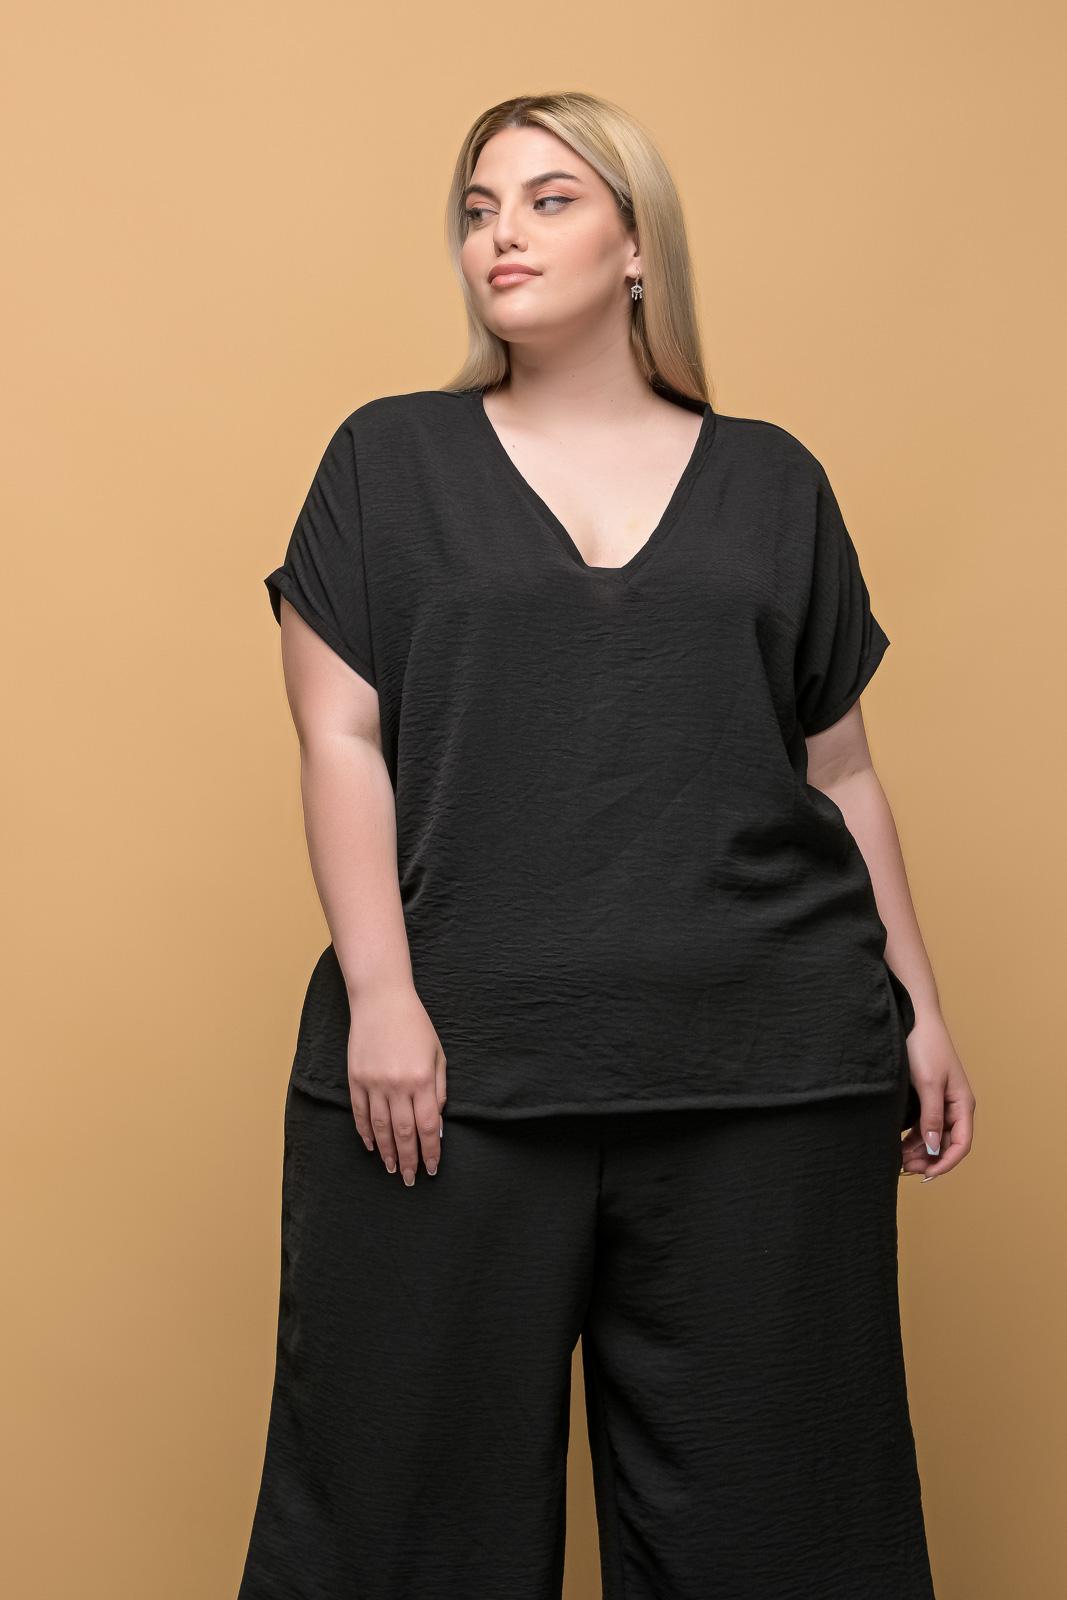 Μπλούζα μεγάλα μεγέθη ανάλαφρη μαύρη V-neck.Στο eshop μας θα βρείτε οικονομικά γυναίκεια ρούχα σε μεγάλα μεγέθη και υπερμεγέθη.